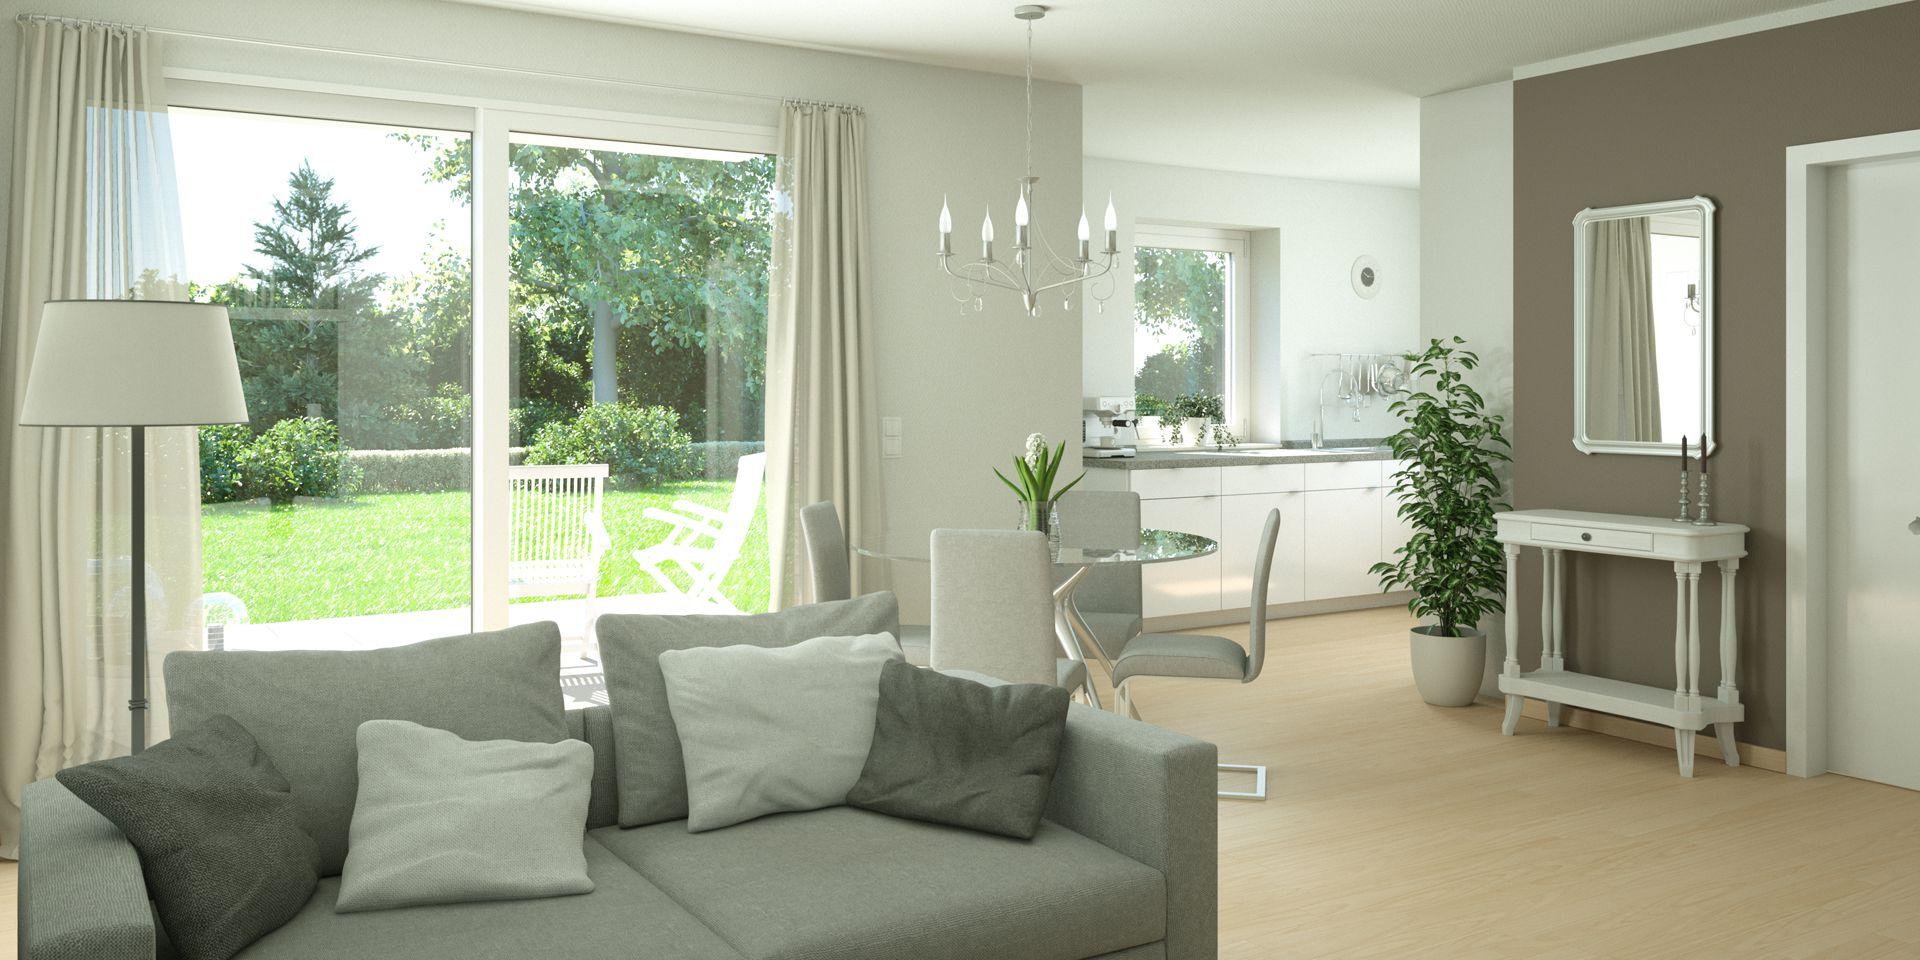 Architekturvisualisierung Mehrparteienhaus Flensburg Interieur Wohnzimmer.jpg